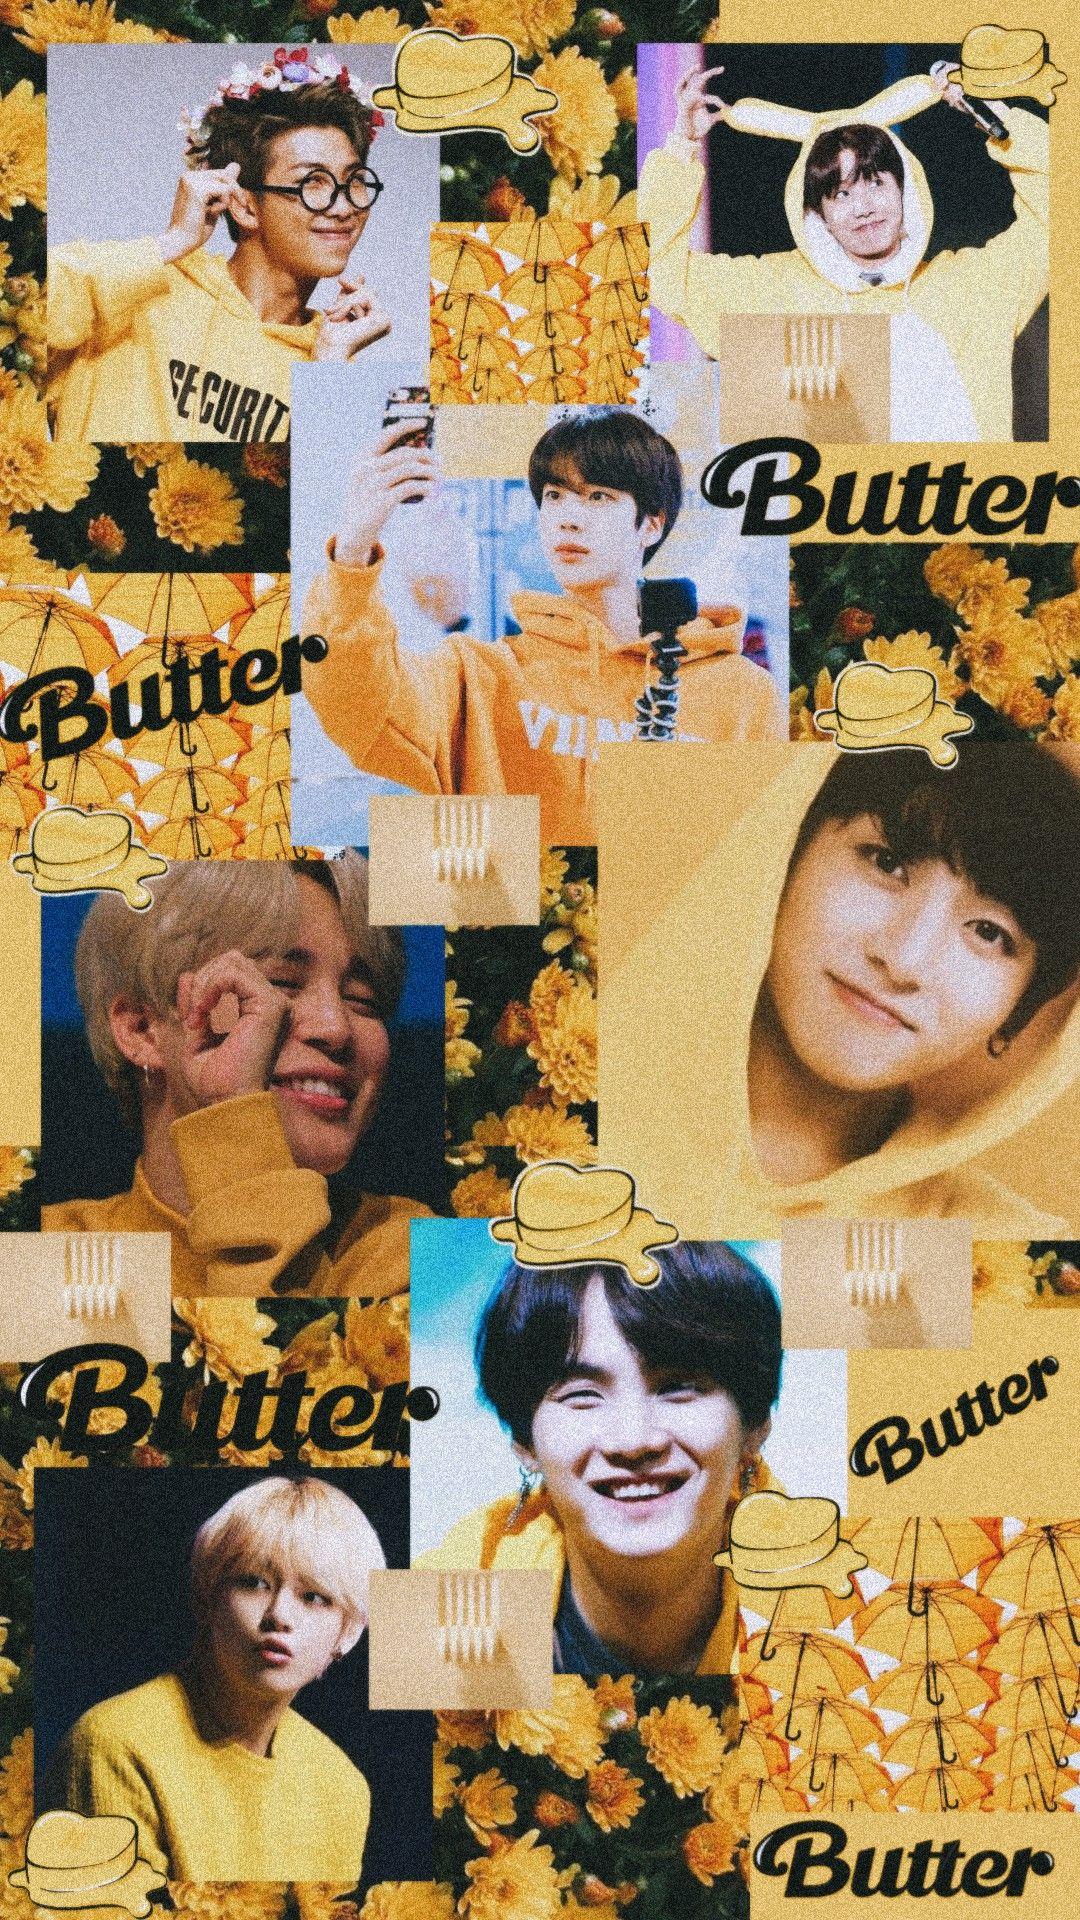 Butter In 2021 Bts Wallpaper Photoshoot Bts Bts Concept Photo Bts butter video wallpaper